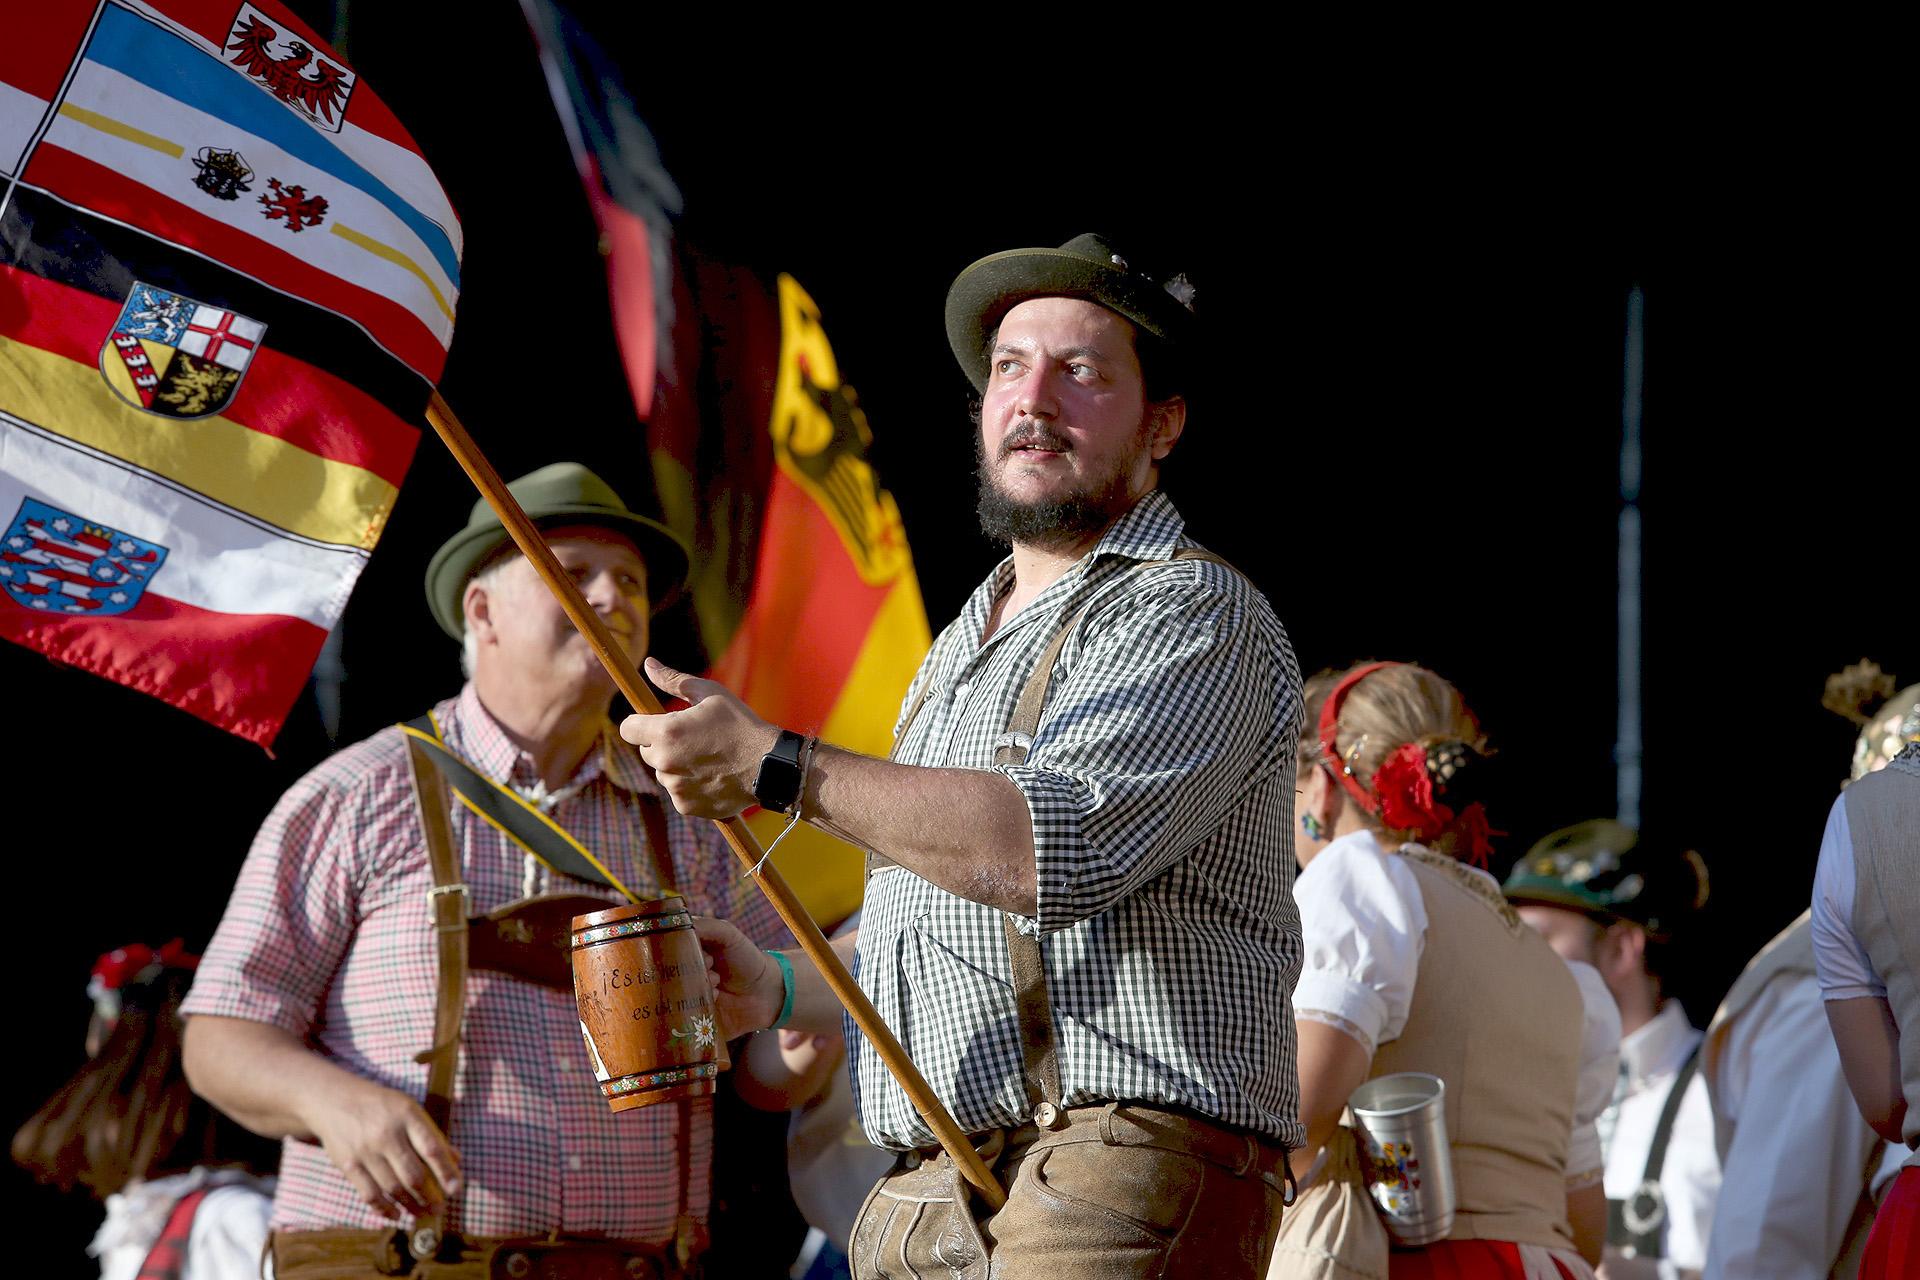 Muchos descendientes de alemanes se visten con sus trajes típicos durante el festival